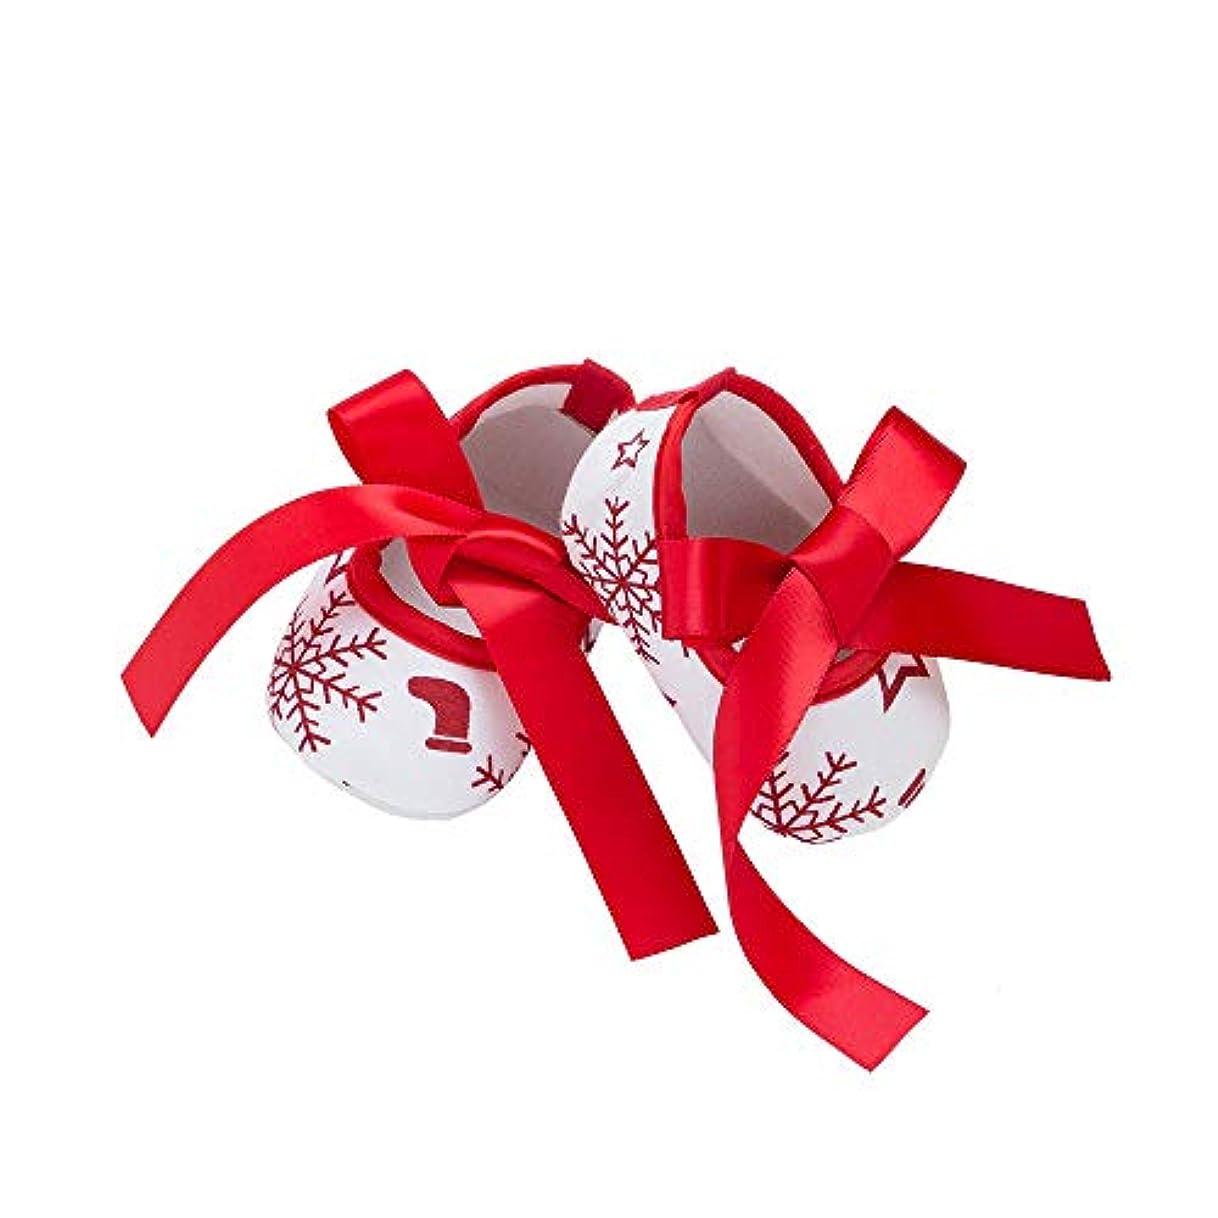 絞る省落胆させる子供靴 Hosam クリスマス レース 蝶結び 新生児靴 幼児 赤ちゃん靴 ウォームブーツ シューズ ファーストシューズ 男の子 女の子 ベビーシューズ 運動靴 赤ちゃん き心地いい 記念日 誕生日 プレゼント 出産お祝い